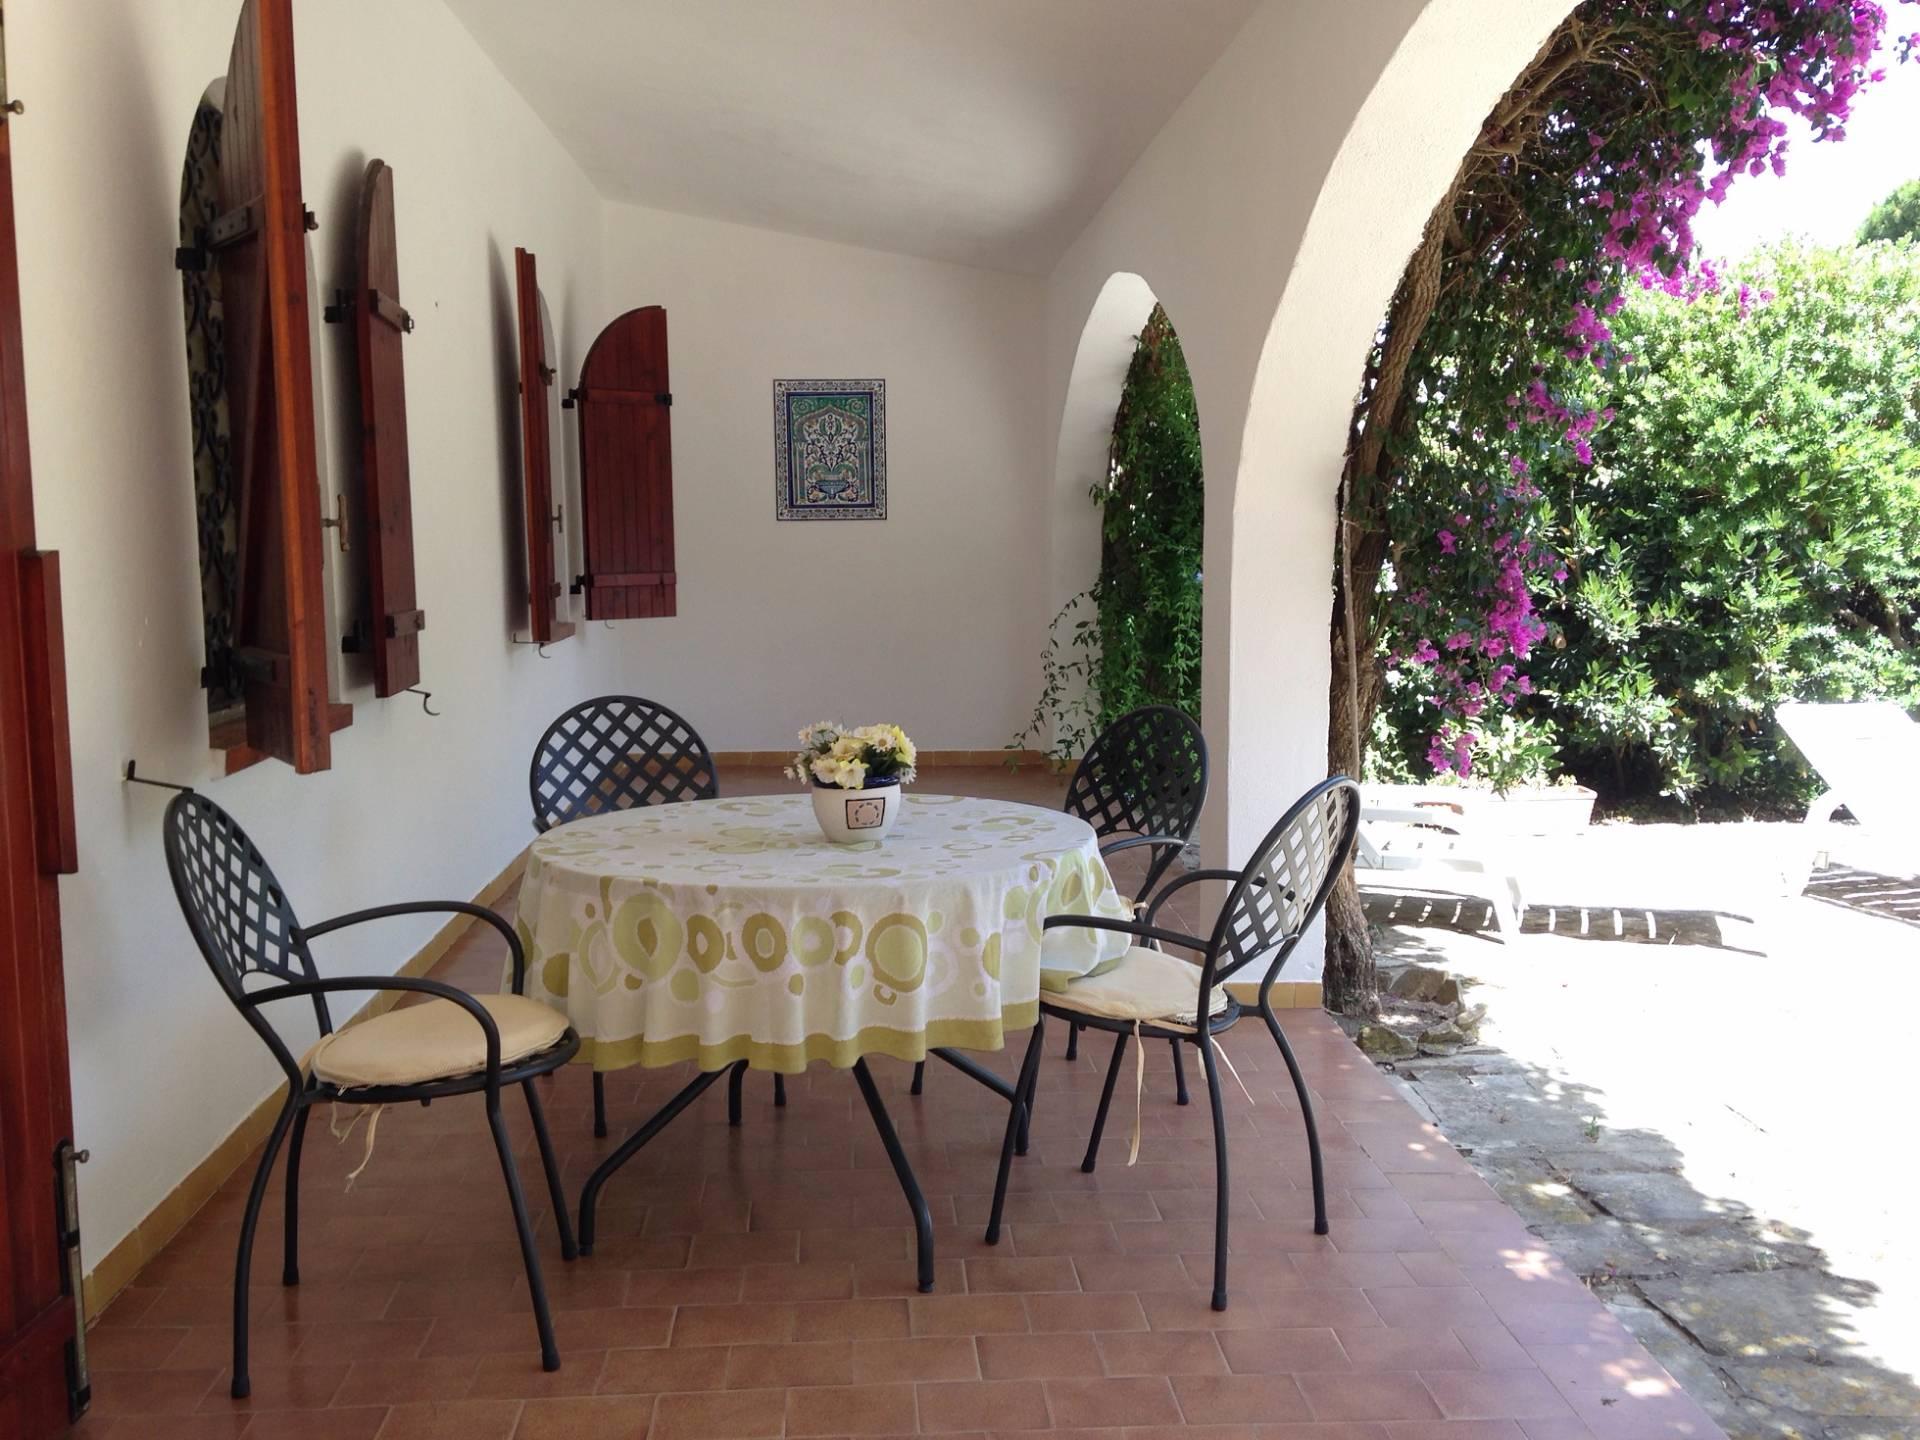 Villa in vendita a Maracalagonis, 5 locali, zona Località: TorredelleStelle, prezzo € 295.000 | Cambio Casa.it